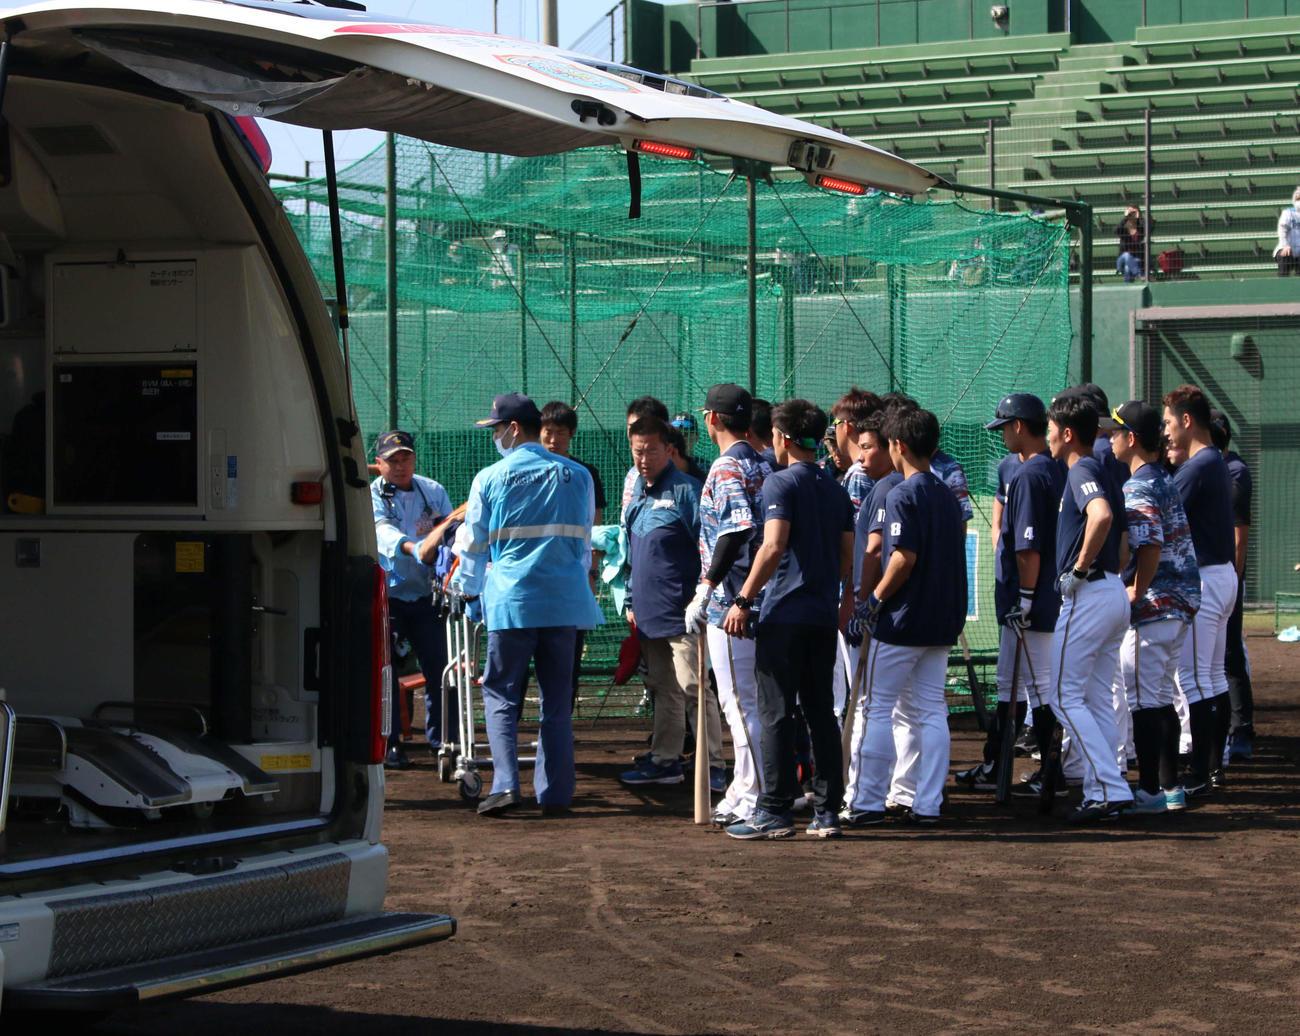 2軍の沖縄・国頭キャンプの練習中に倒れた城石2軍内野守備コーチが選手らに囲まれながら救急車へ=午後1時33分頃(撮影・木下大輔)